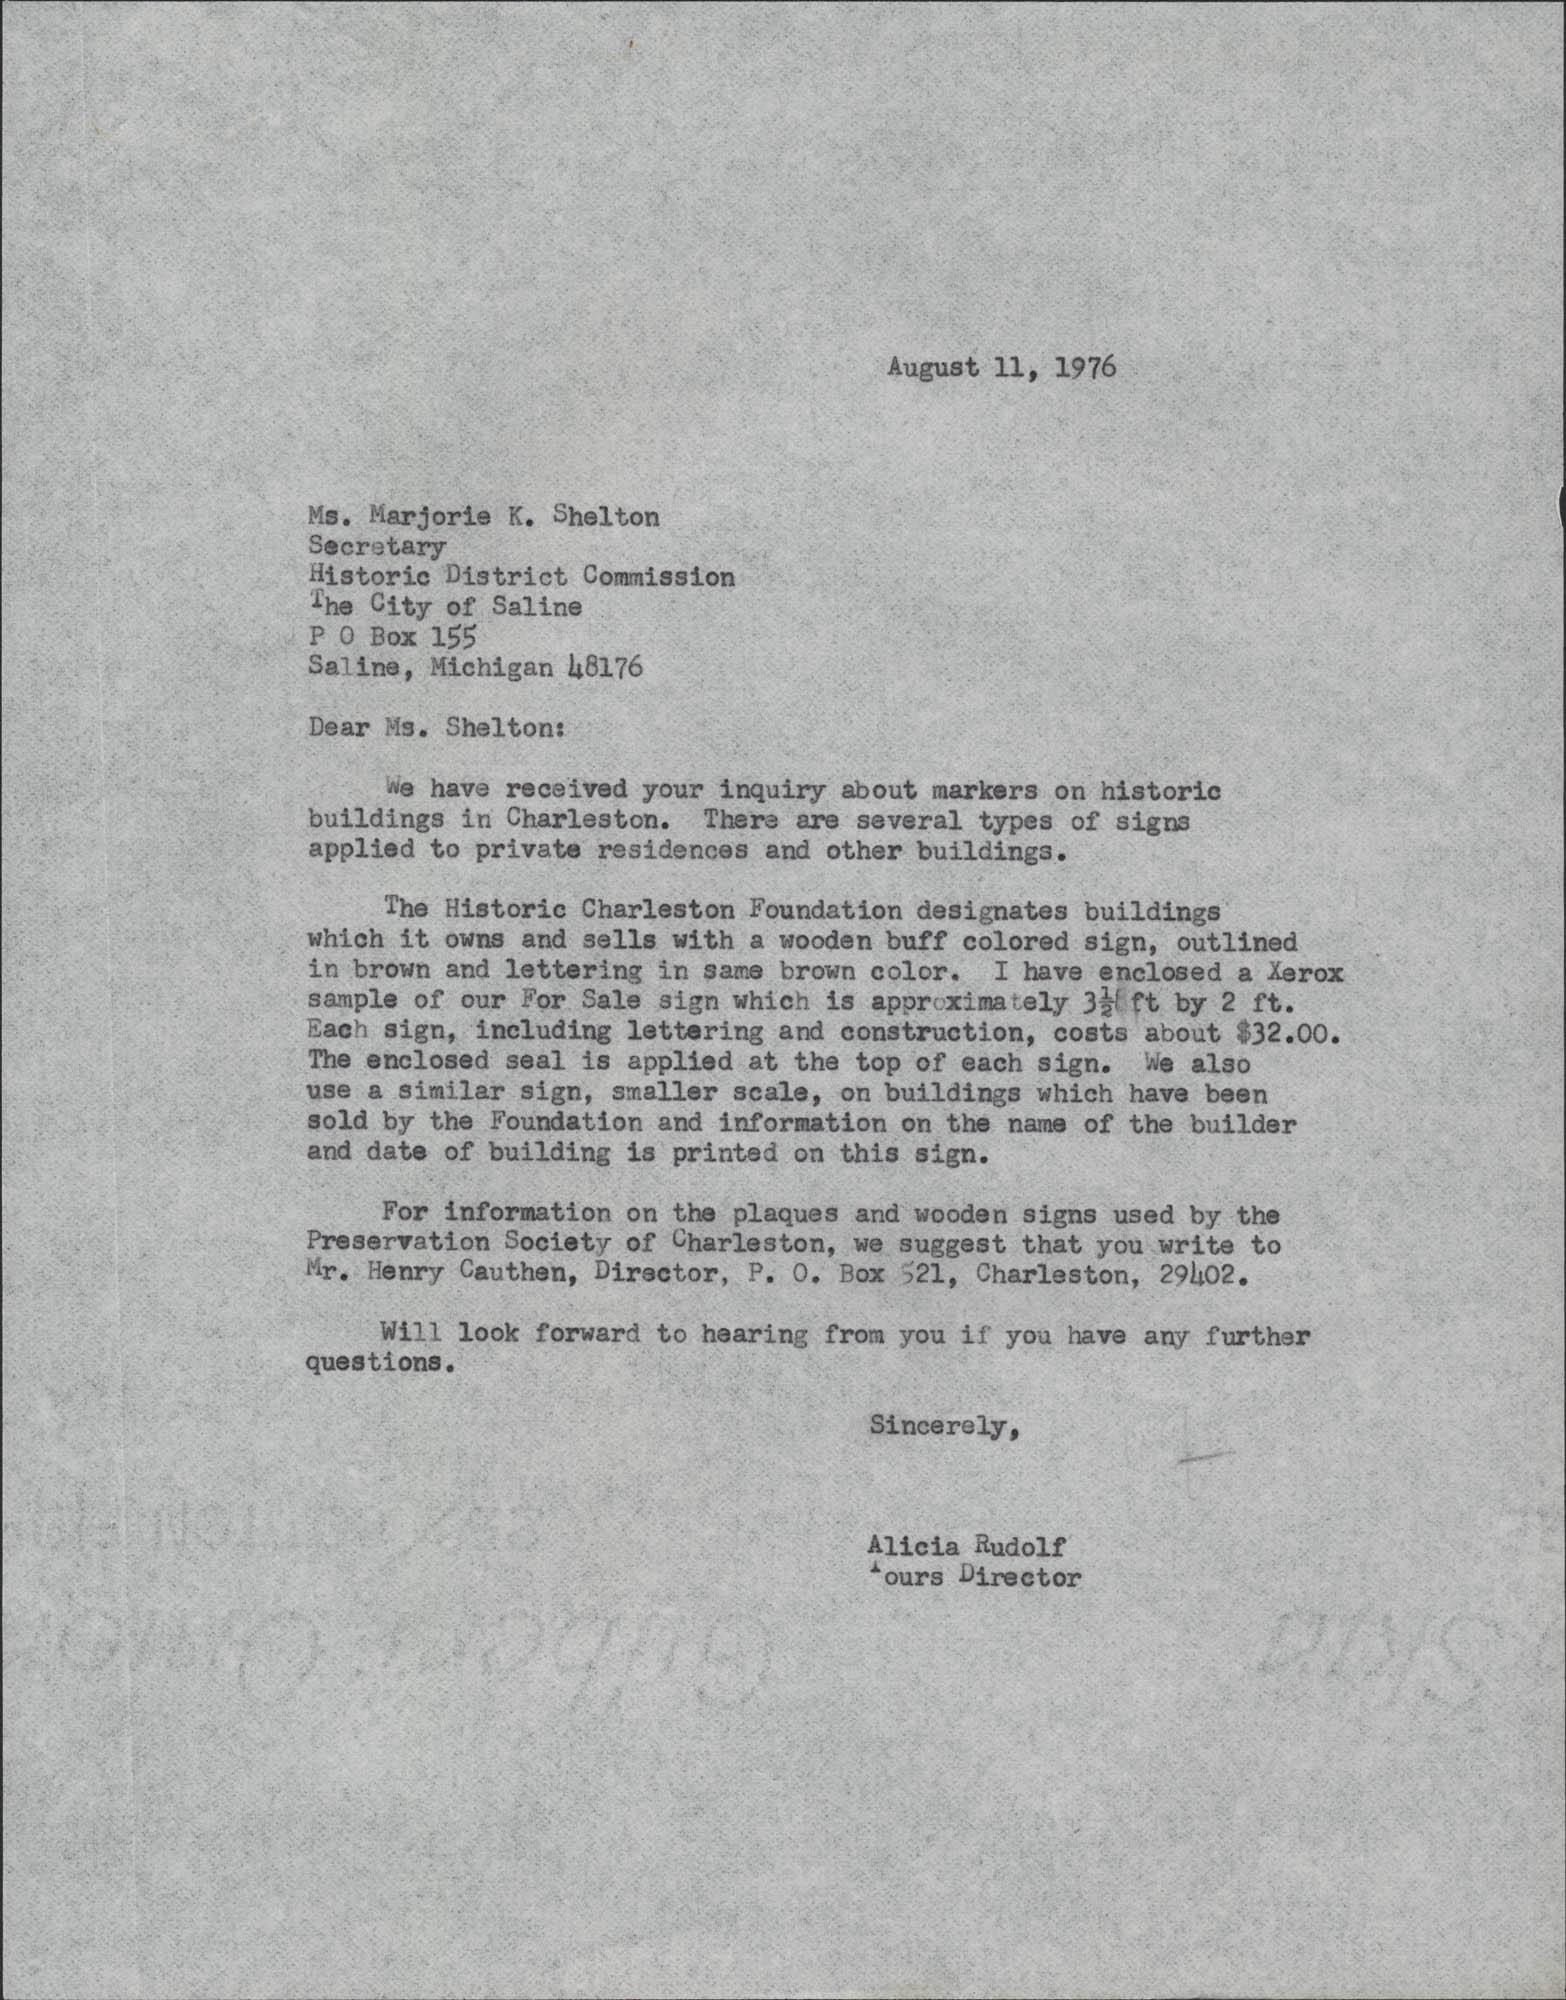 Letter from Alicia Rudolf to Marjorie K. Shelton